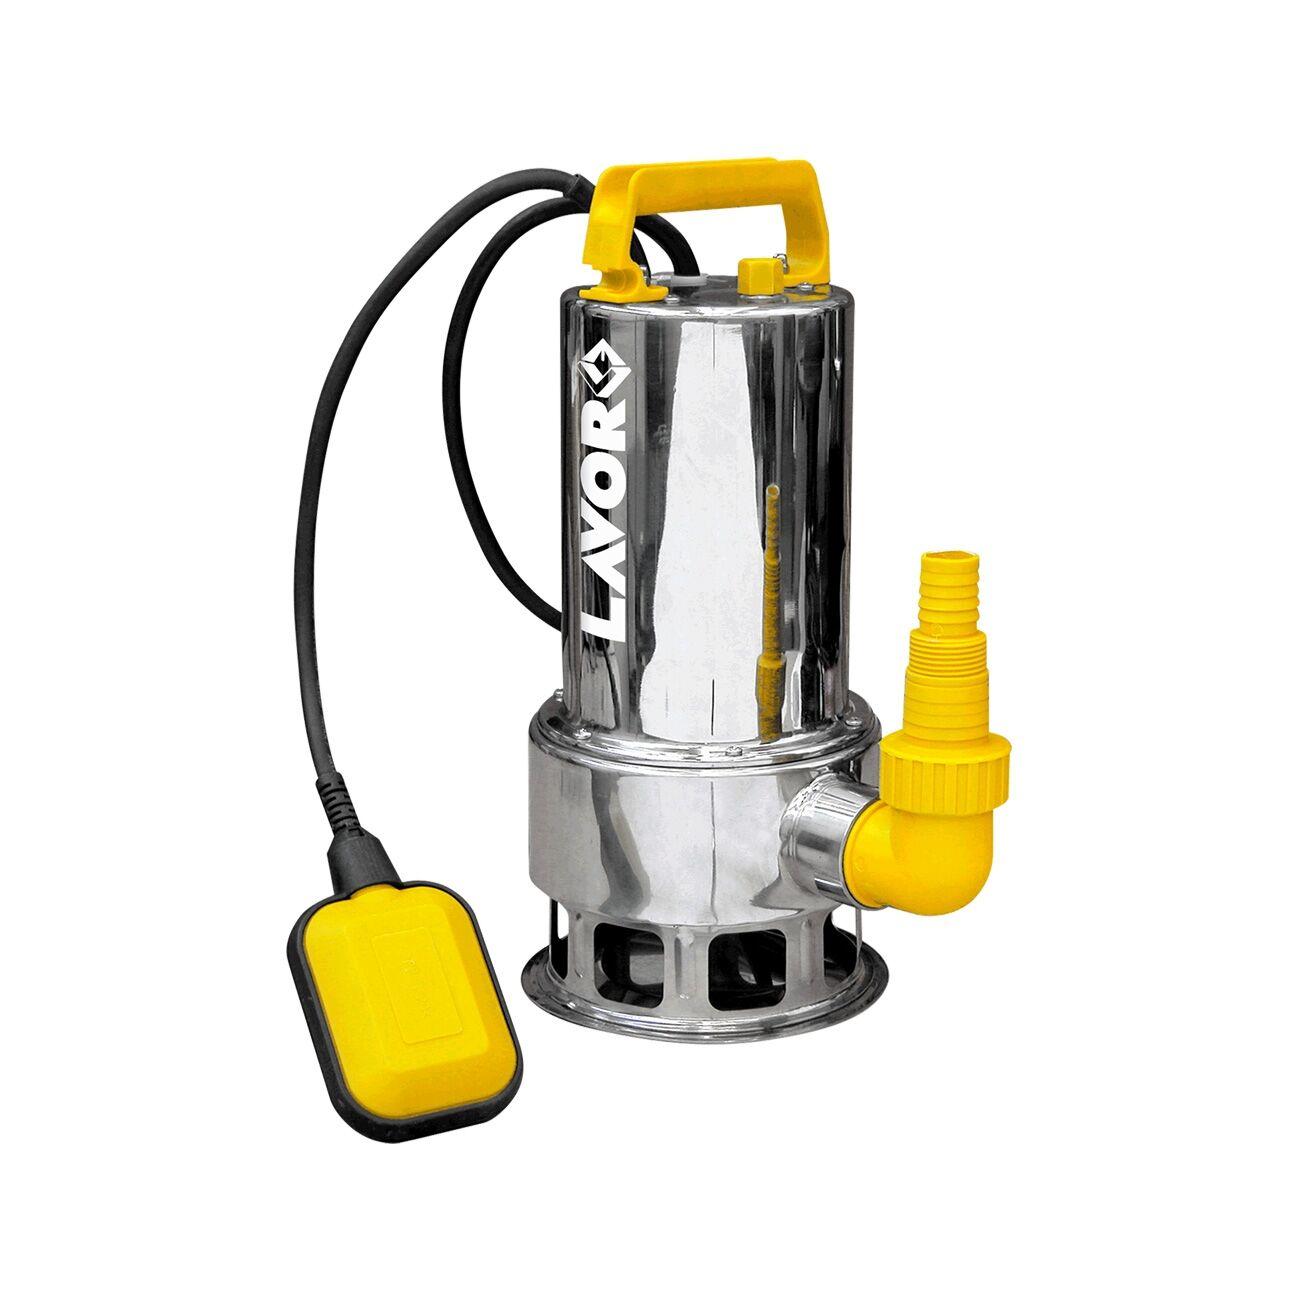 Lavor Pompa sommersa acque nere Lavor EDS-M 15000